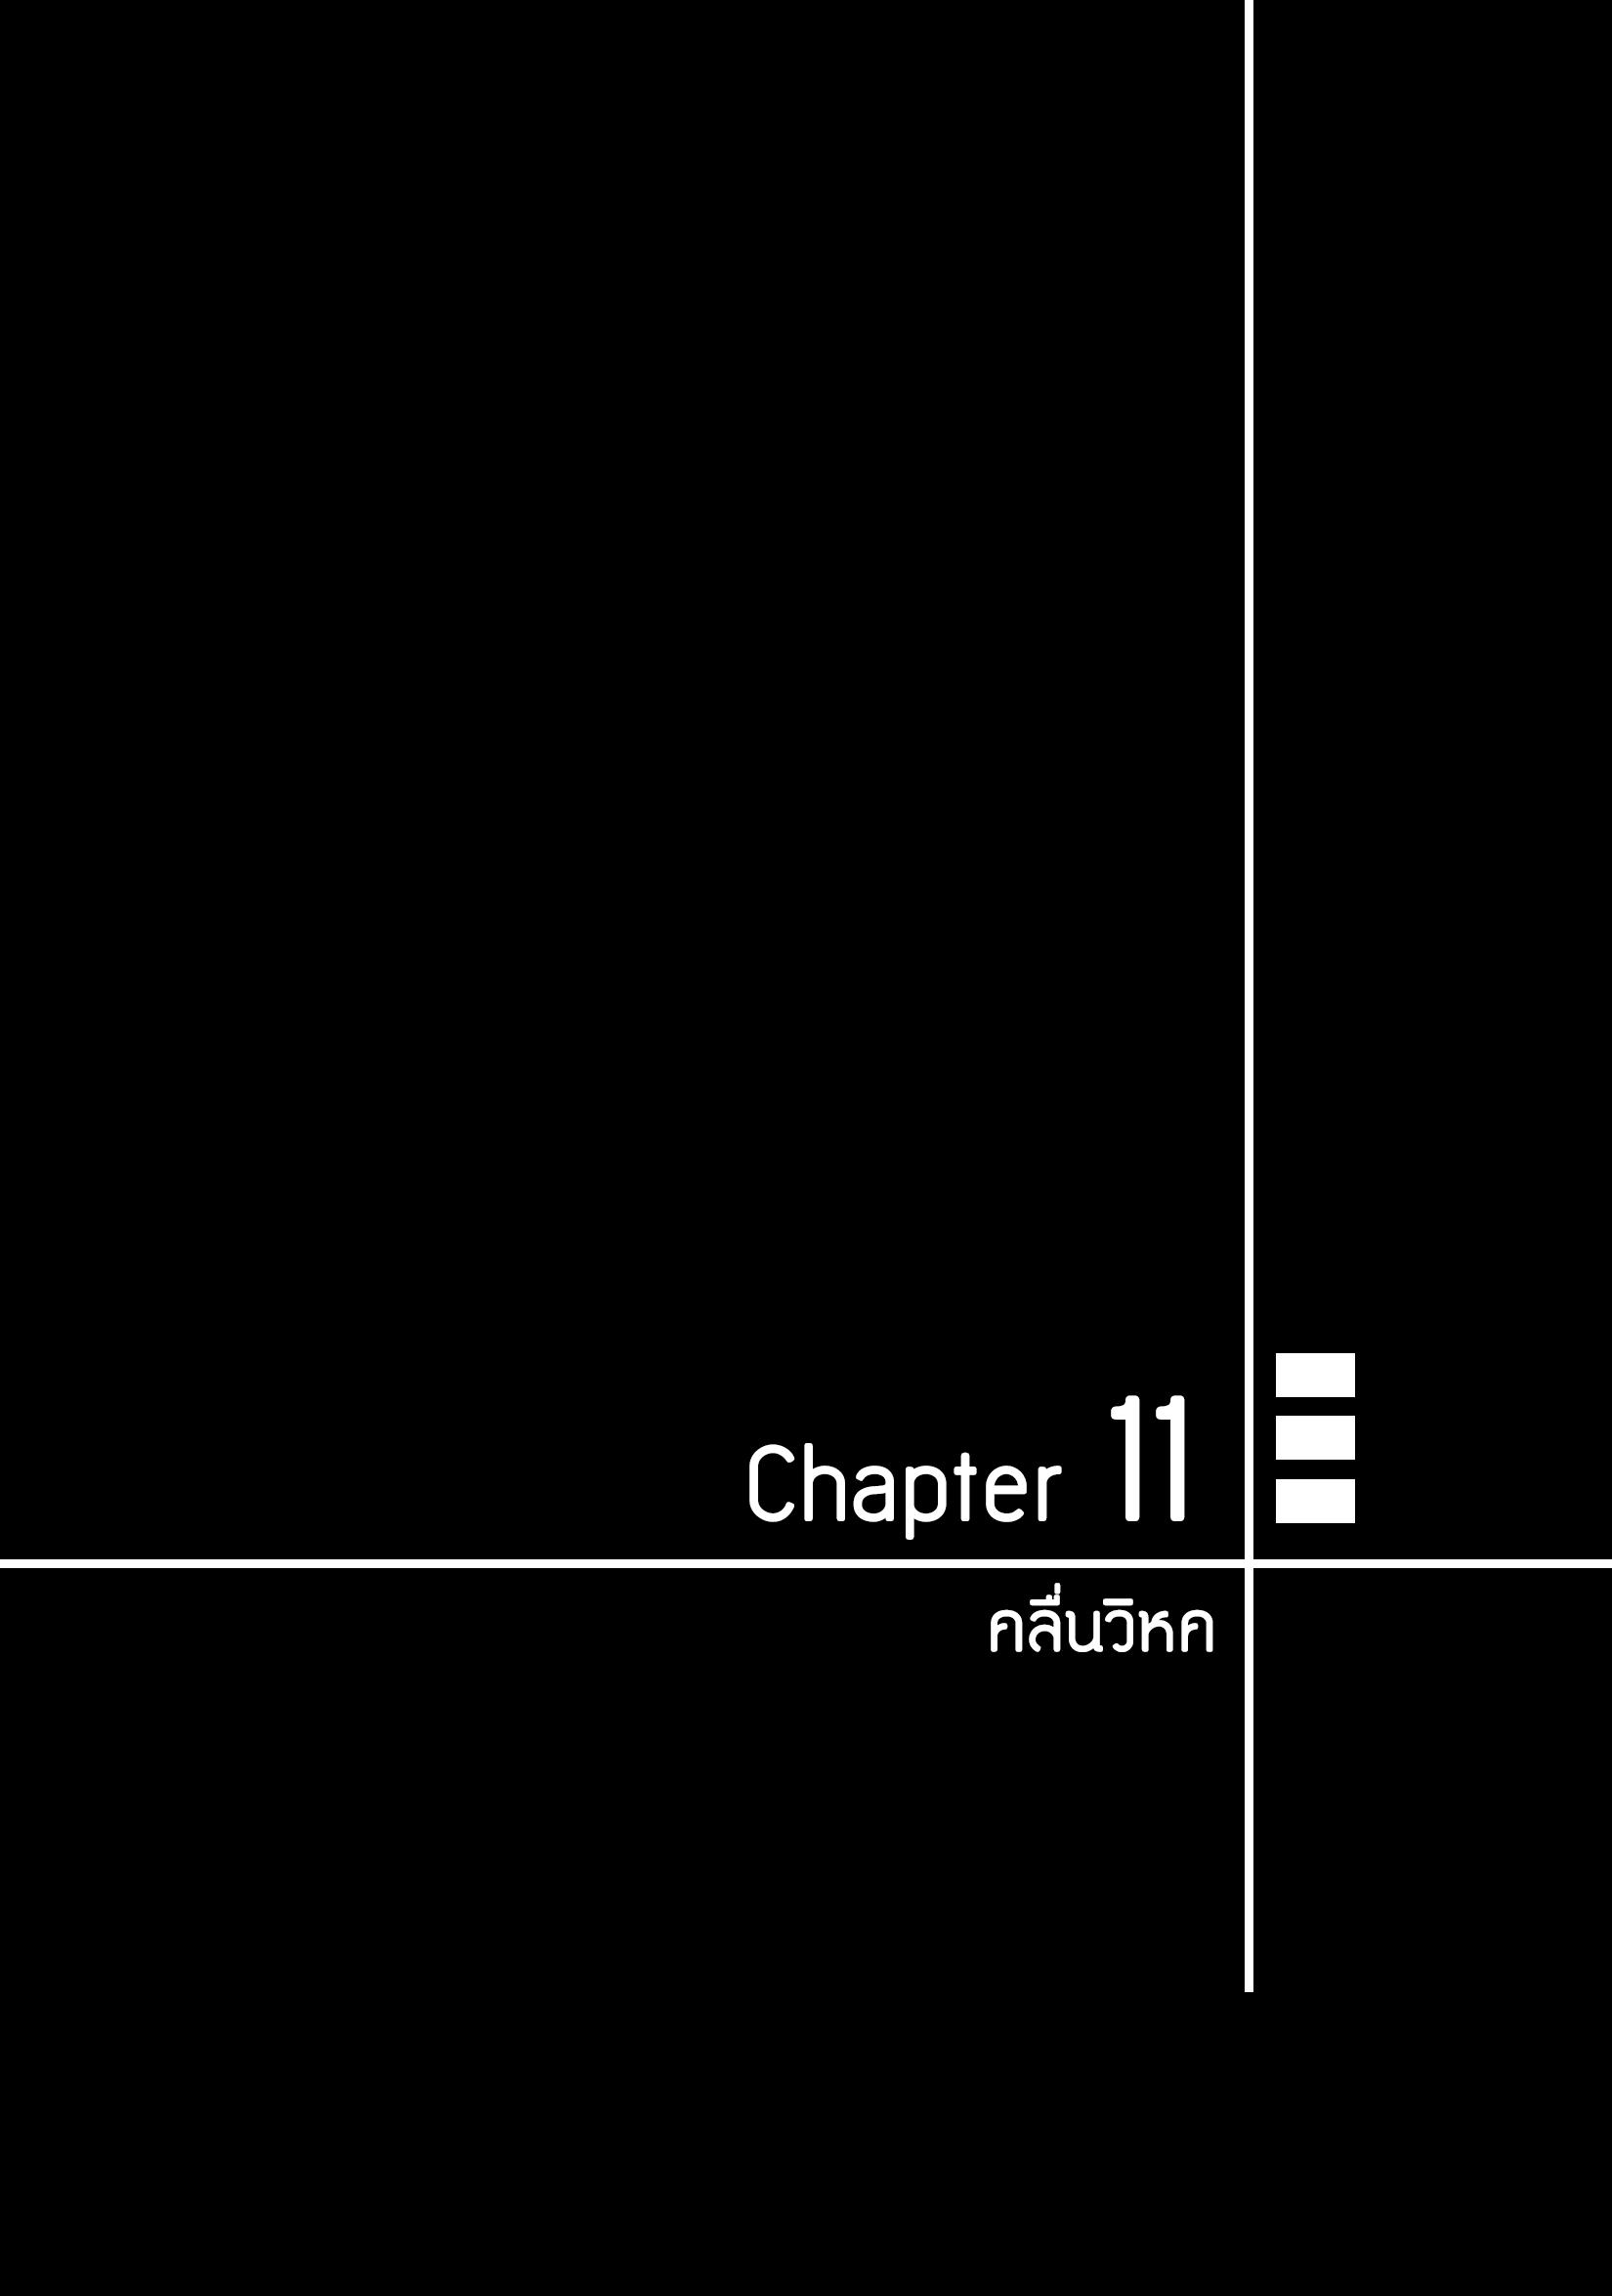 บทที่  11 - คลื่นวิหค